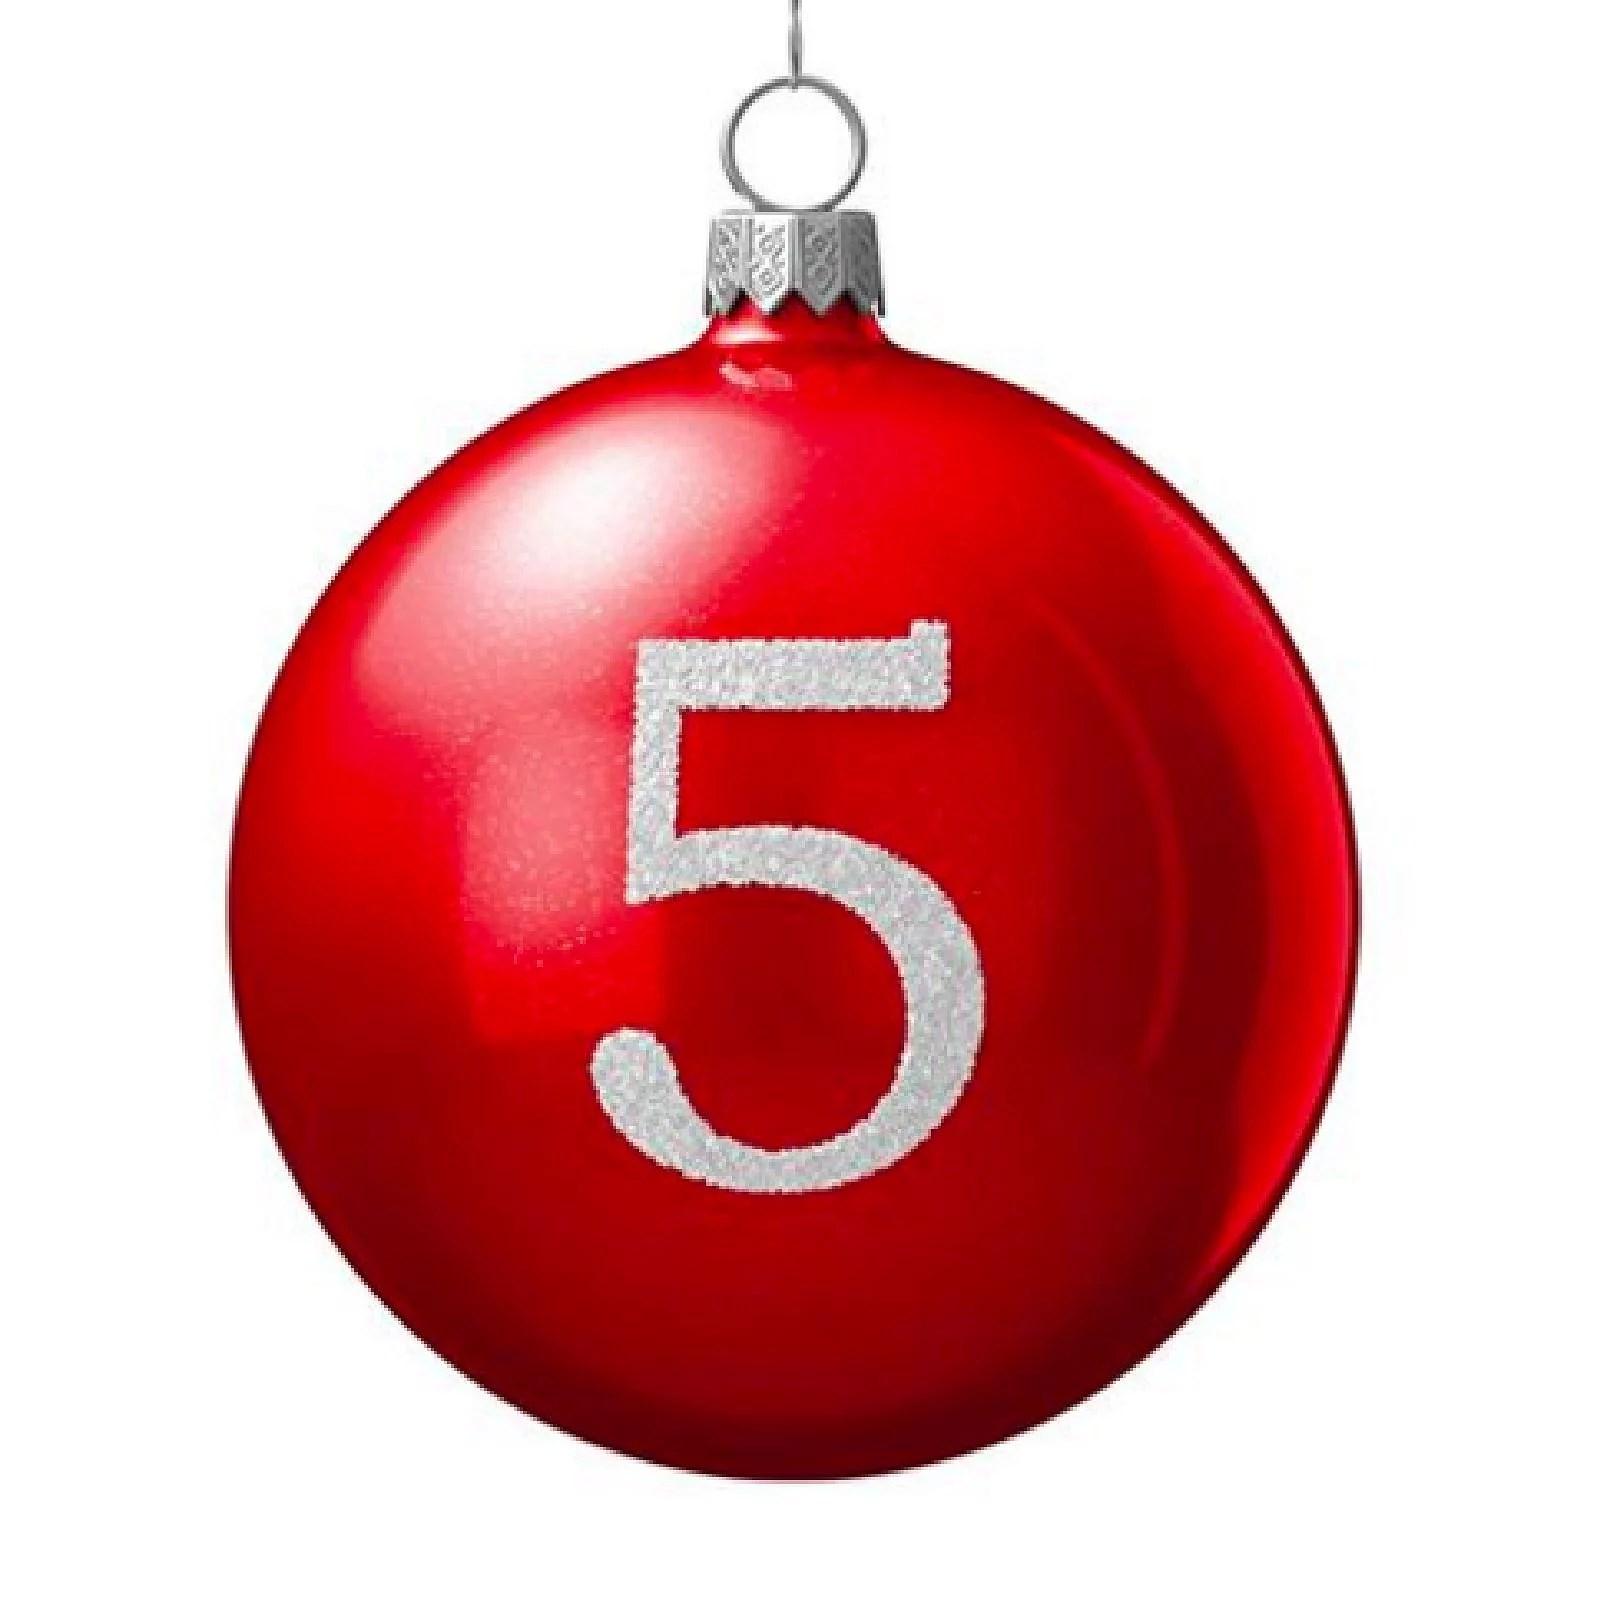 Klantfias julkalender lucka 5 och 6